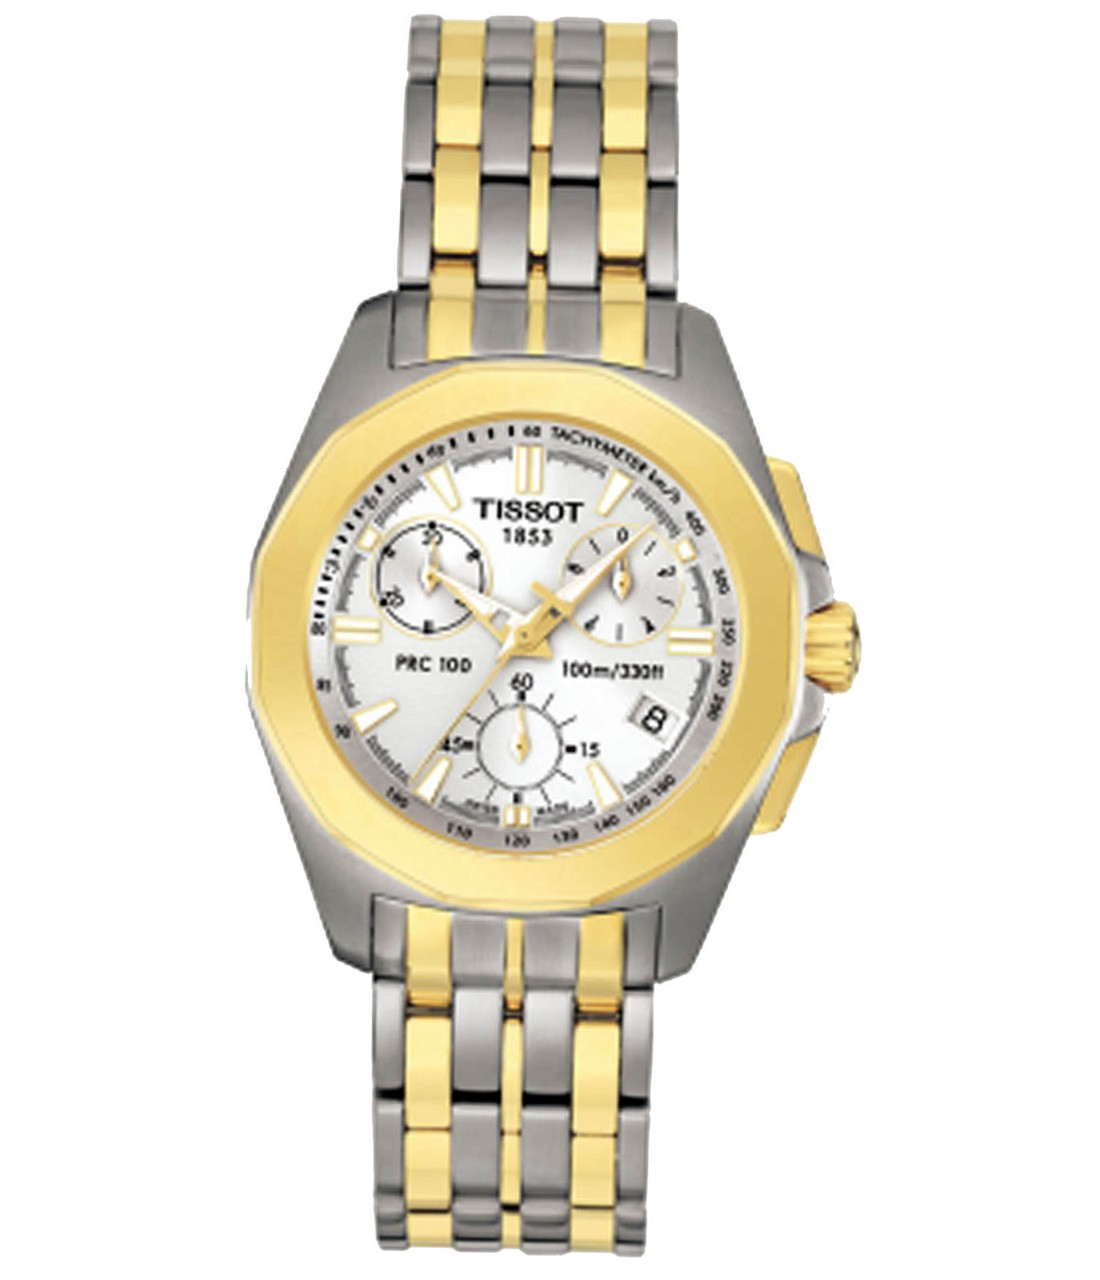 Швейцарские часы Tissot коллекция PRC 200 цена Купить